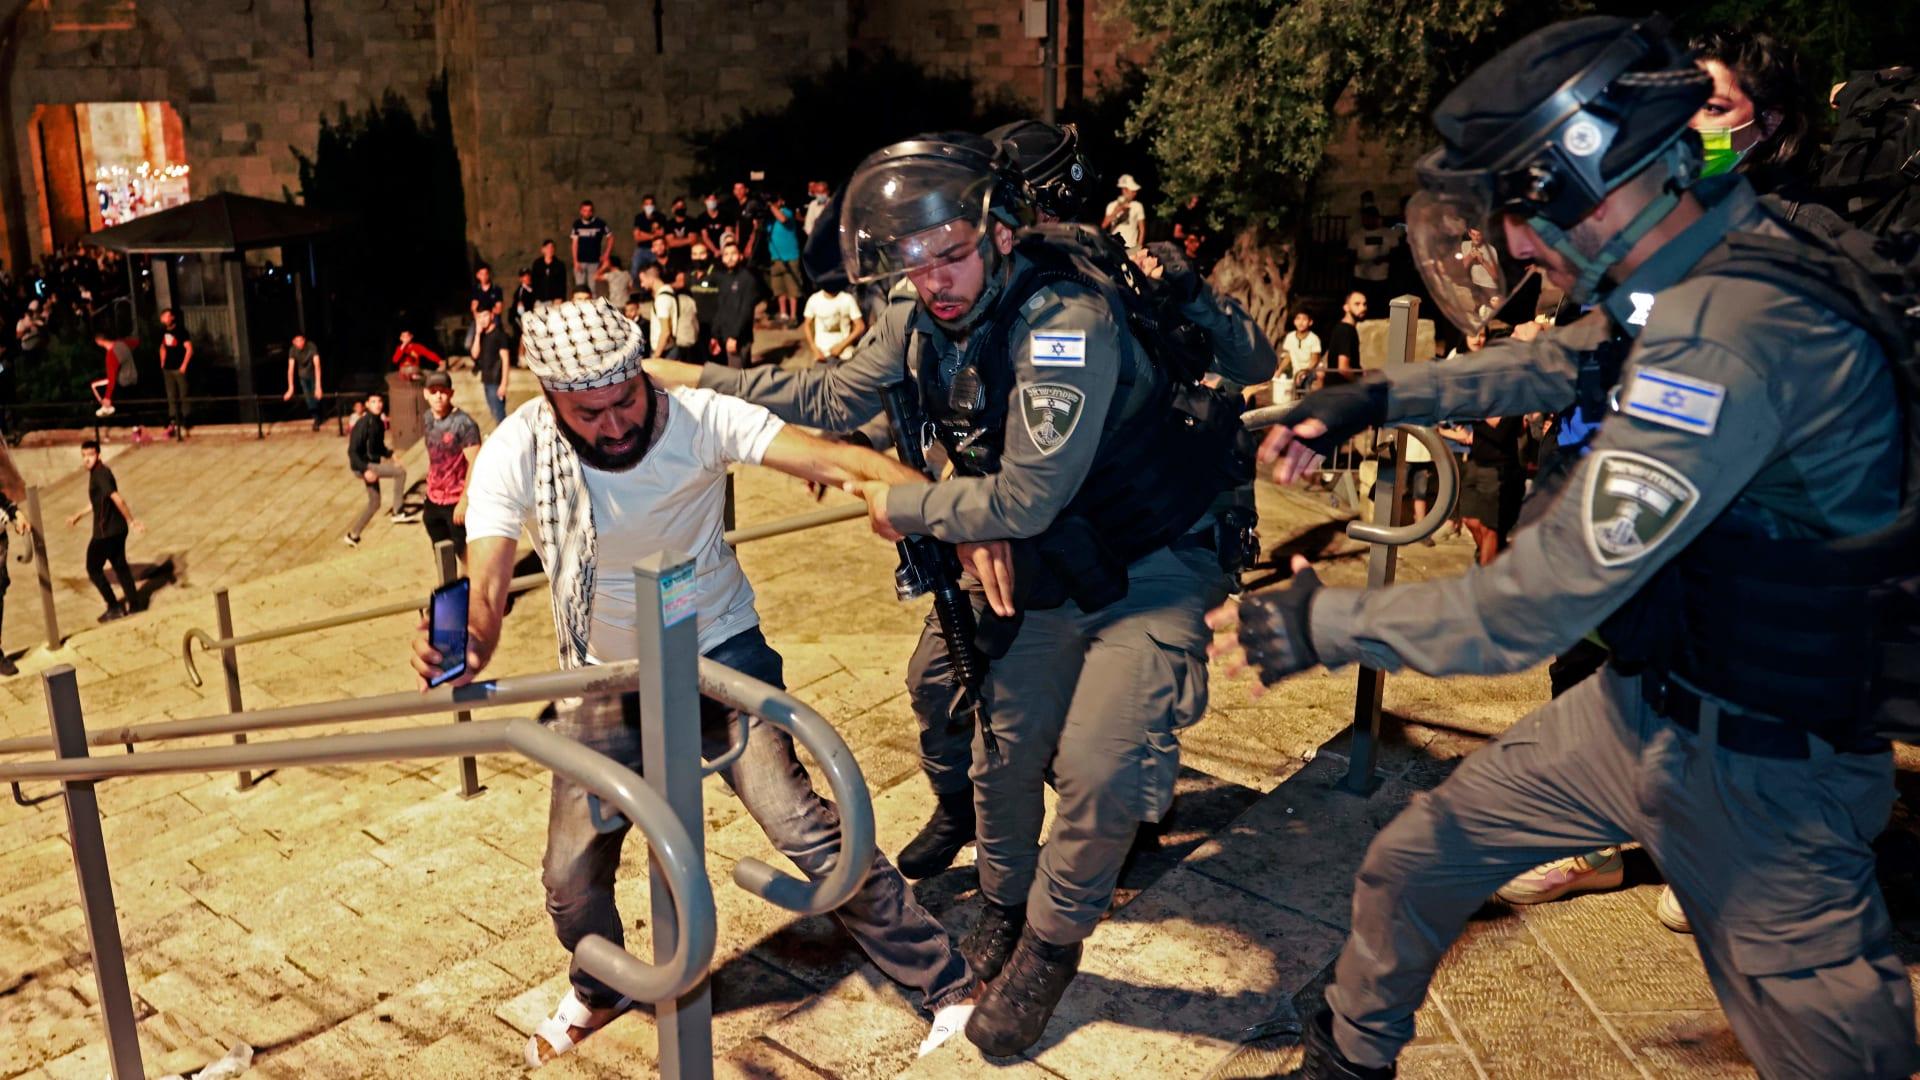 الاشتباكات مستمرة بين الفلسطينيين والشرطة الإسرائيلية